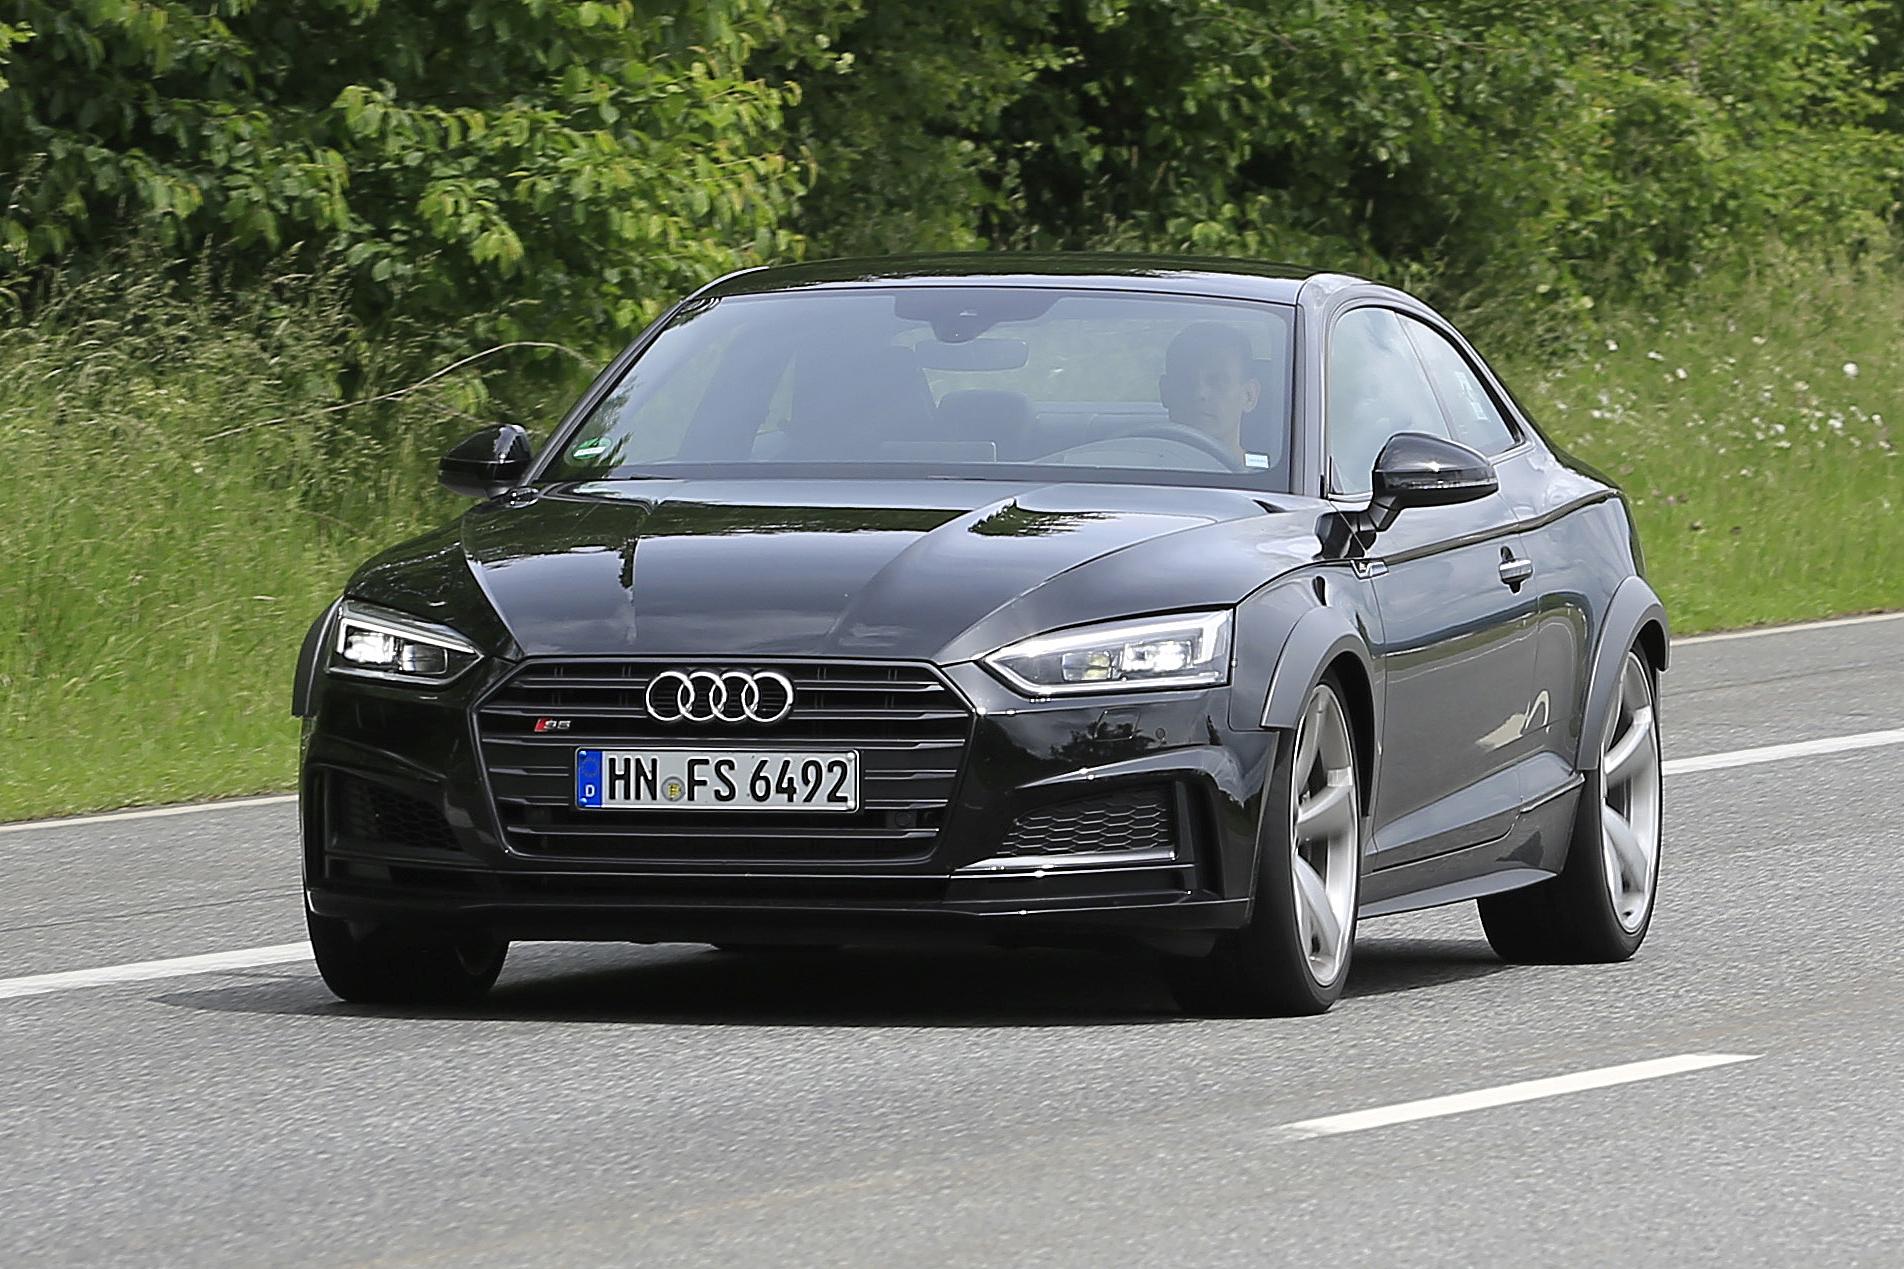 Audi Rs5 Foto Spia Giugno 2016 Foto 5 Di 6